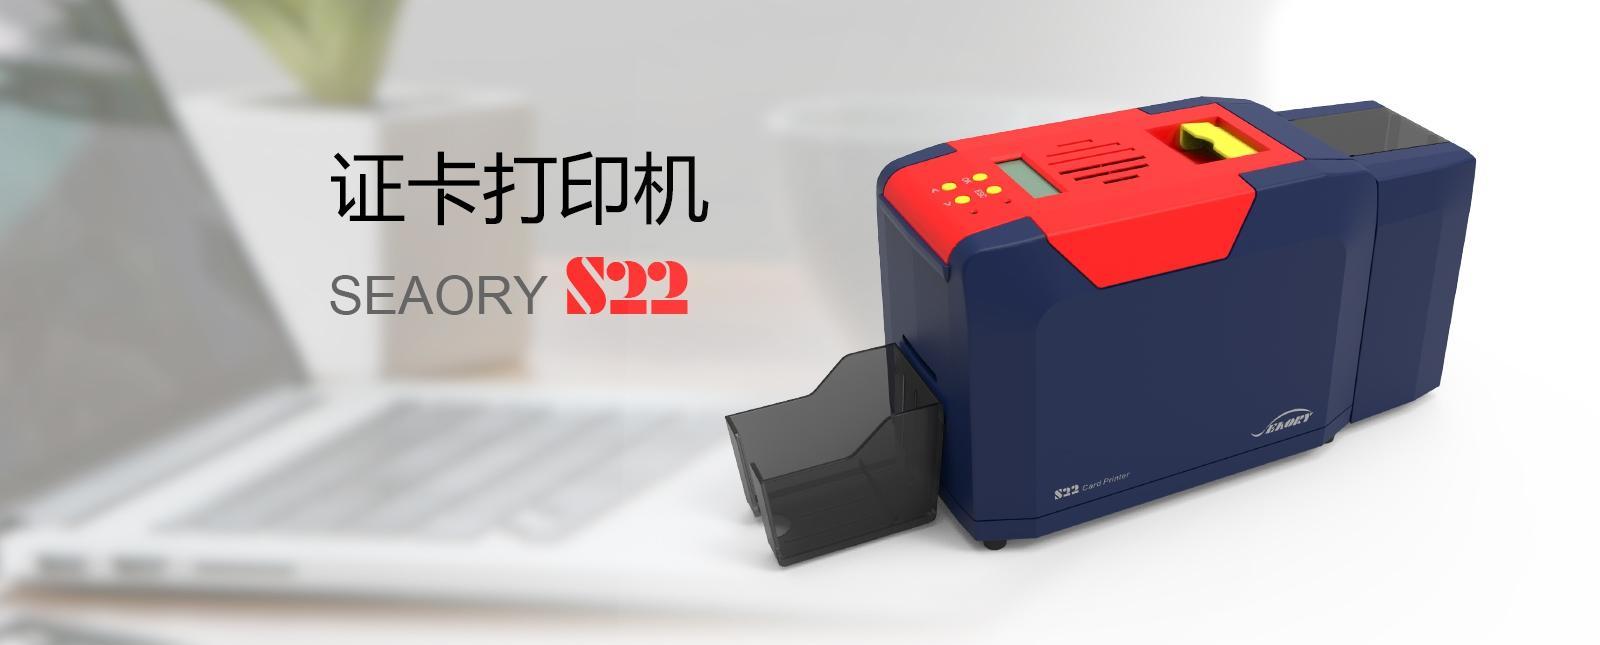 国产飒瑞双面证卡打印机 2